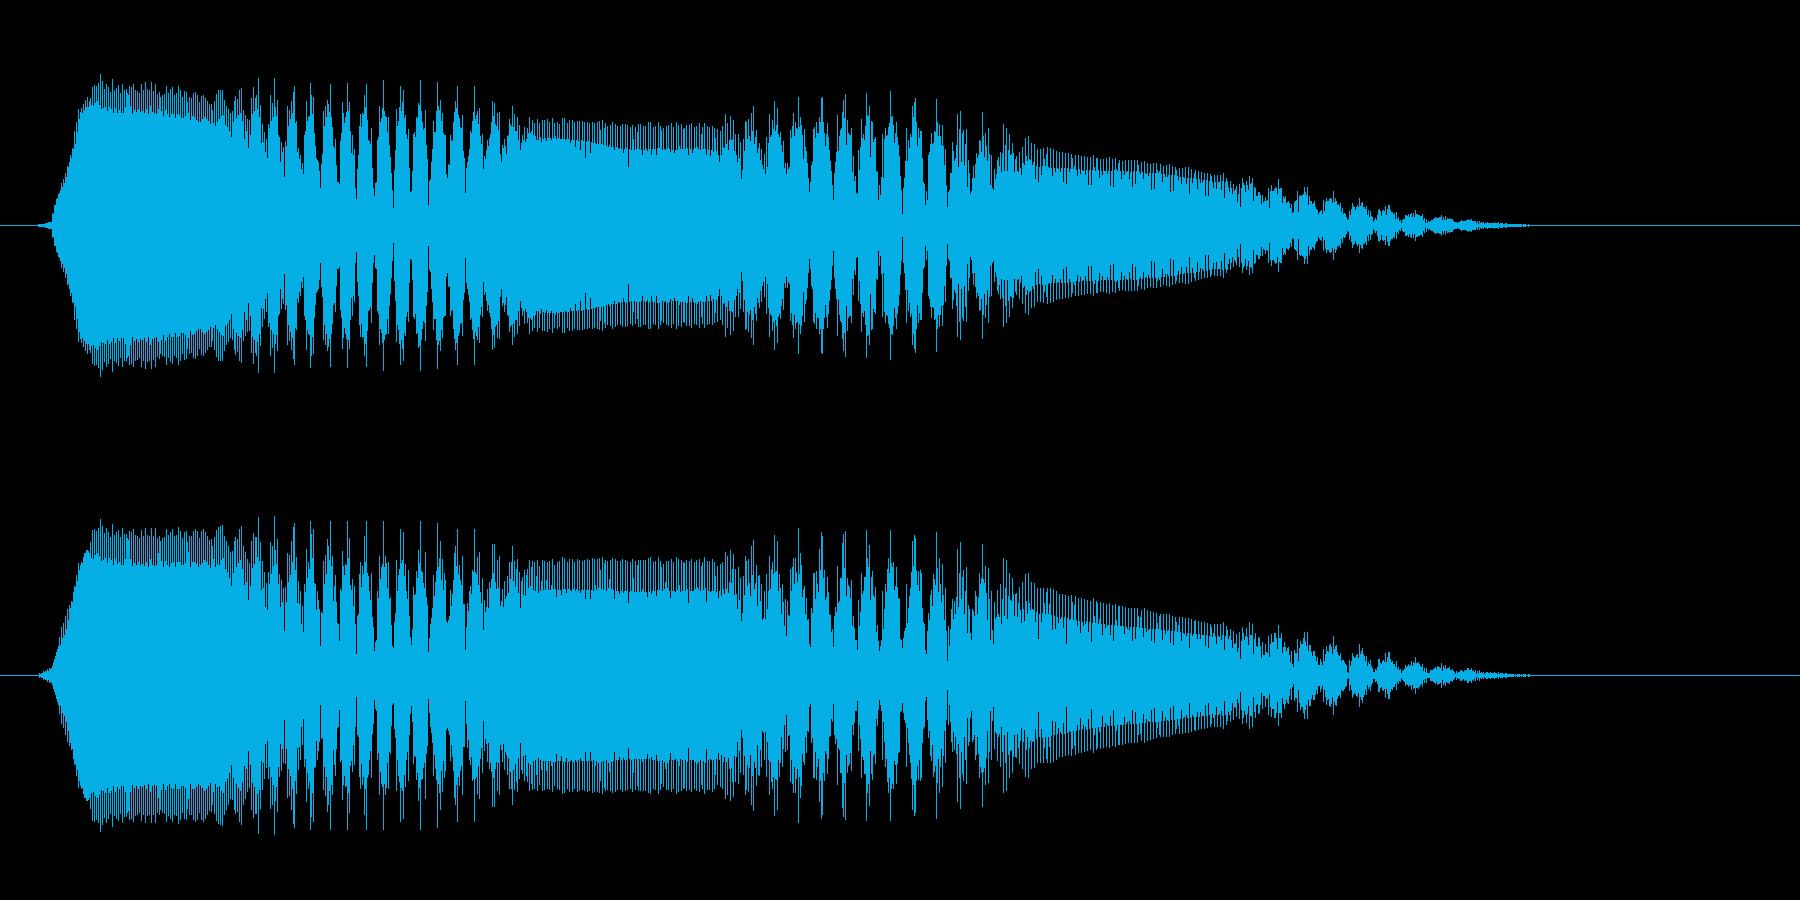 ピュロ(高音 電子音)の再生済みの波形